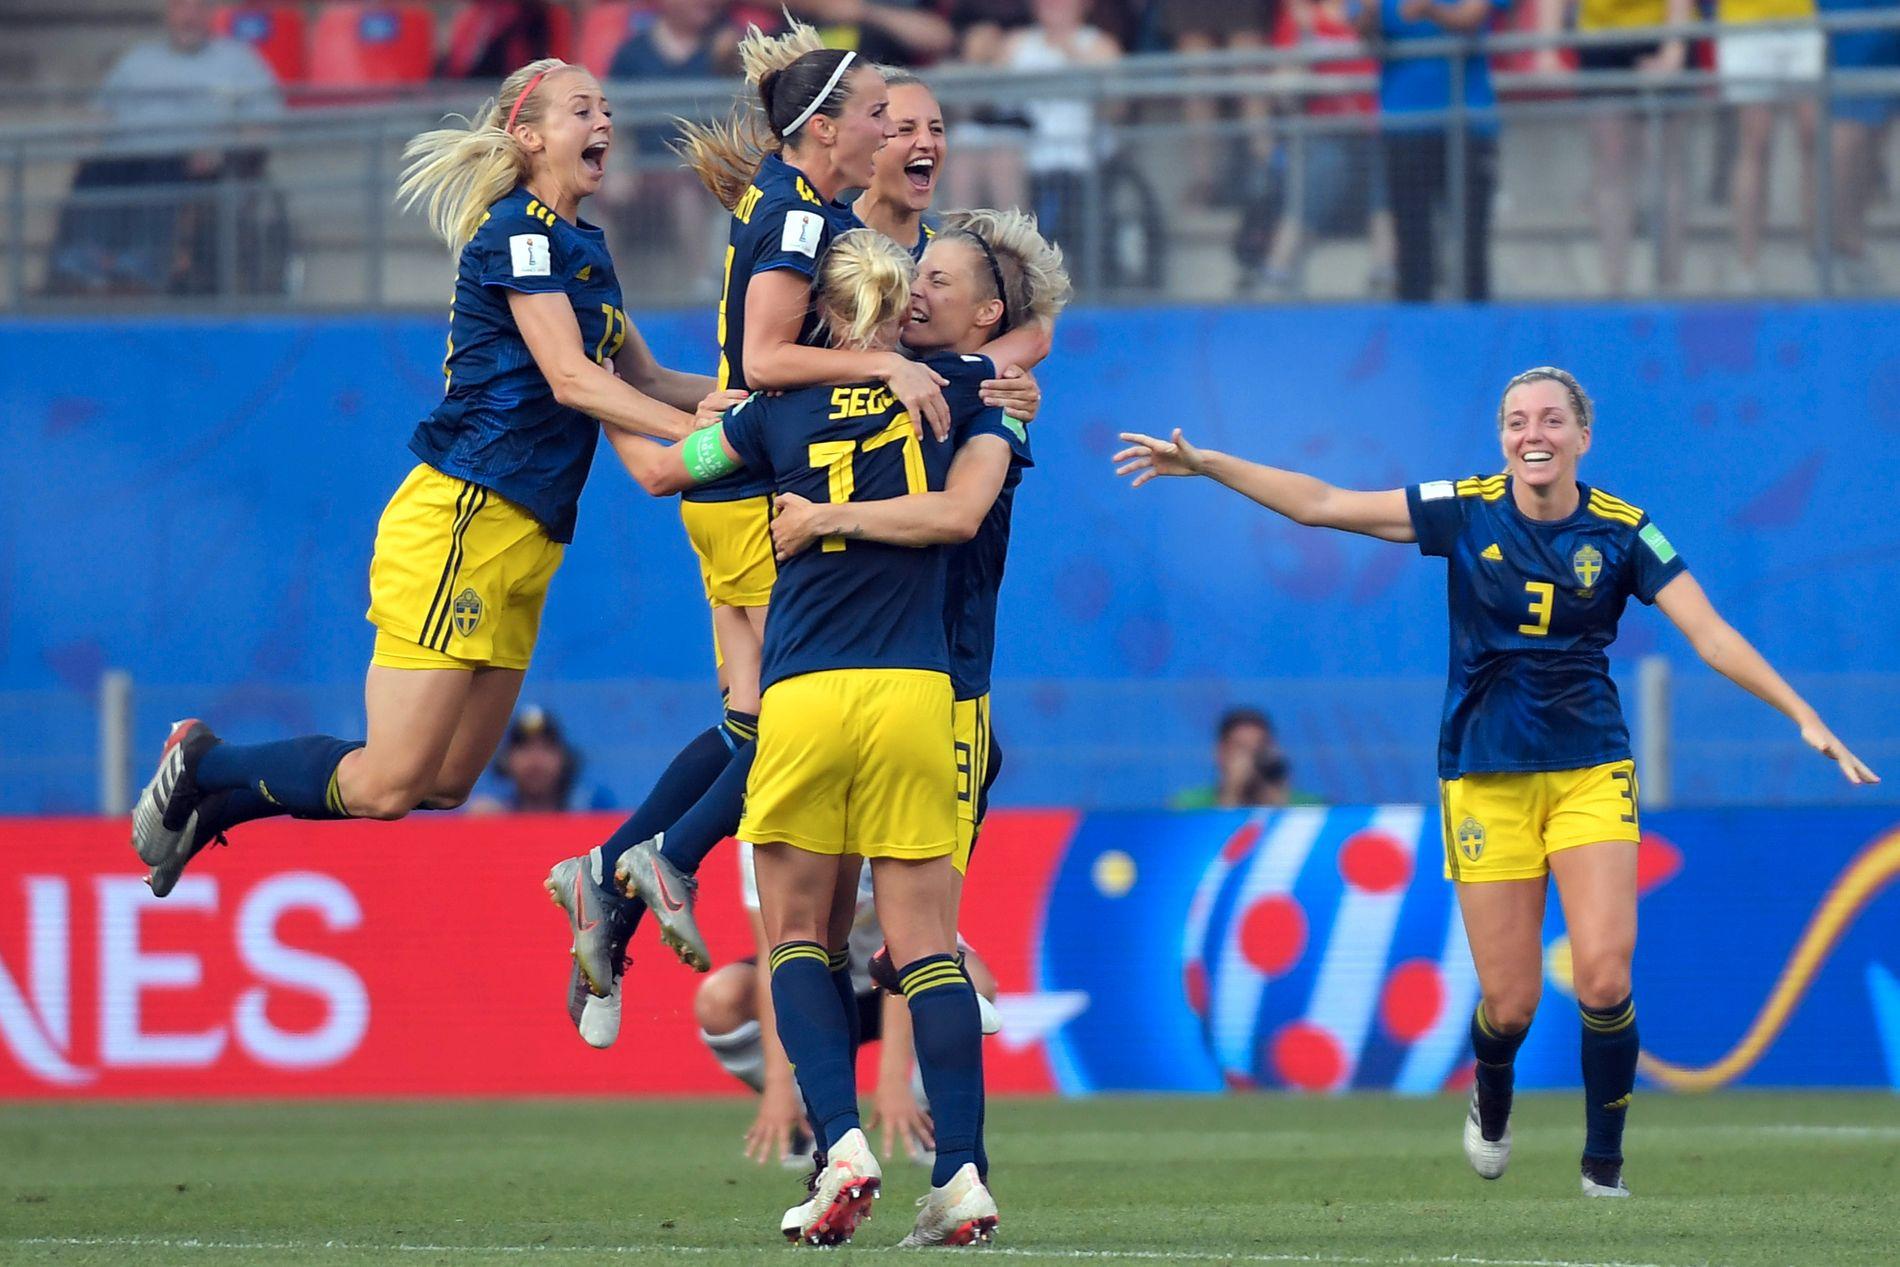 EKSTATISK: De svenske spillerne tar av etter lørdagens etterlengtede triumf mot Tyskland – attpåtil i en VM-kvartfinale.